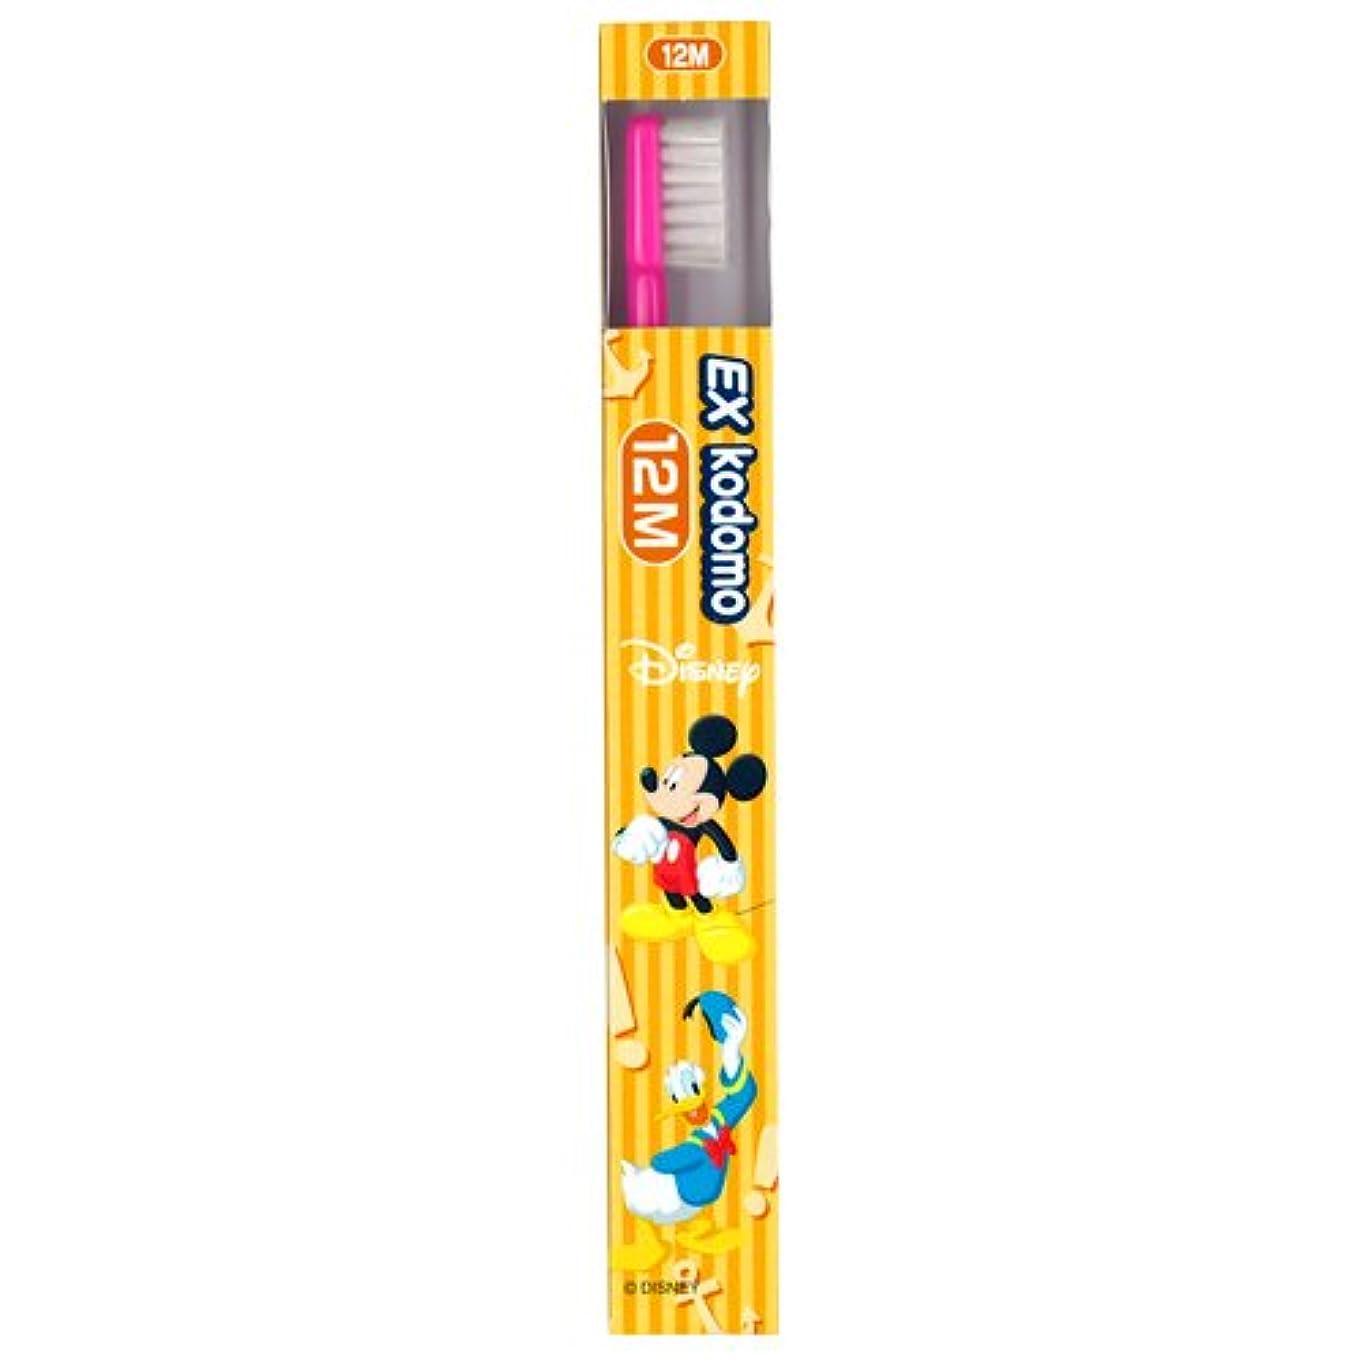 レンジ軽減ブラシライオン EX kodomo ディズニー 歯ブラシ 1本 12M ピンク